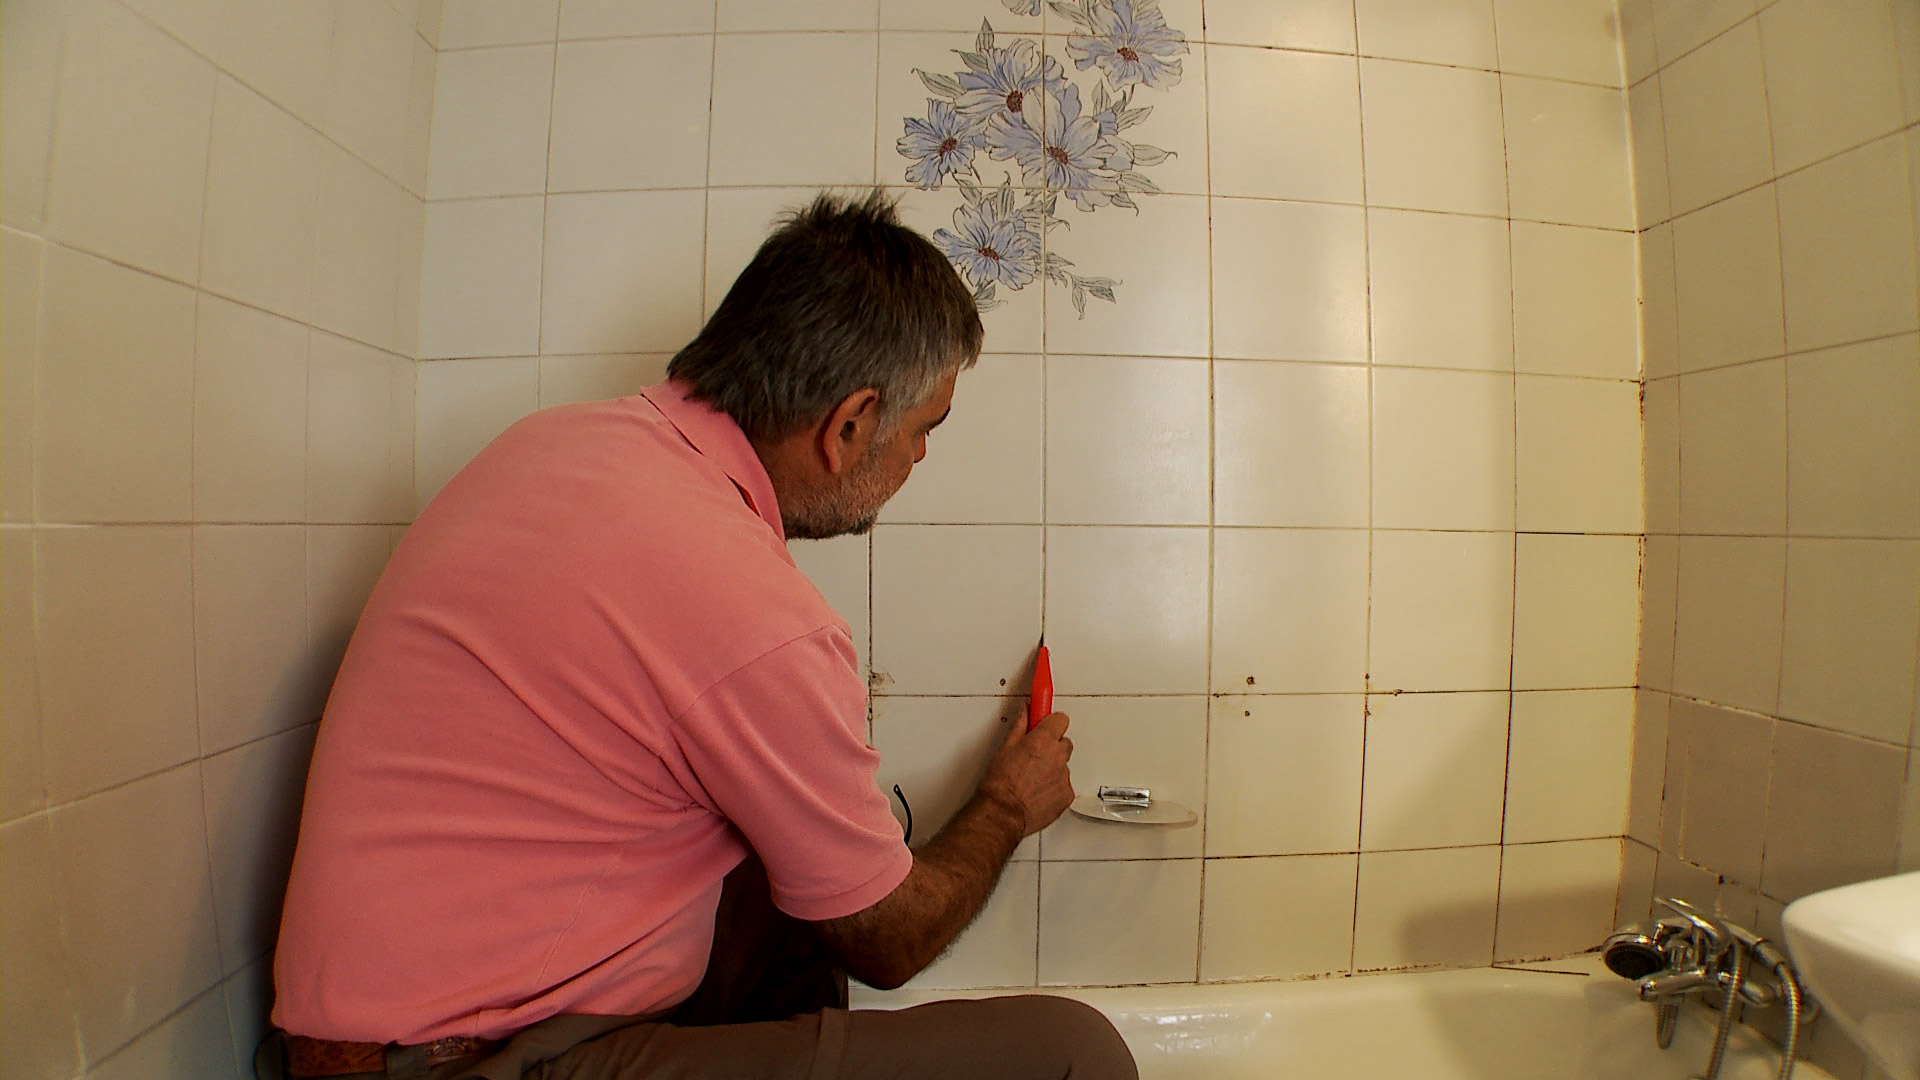 Los baños ciegos o sin ventana son muy propensos a tener problemas de humedad, por eso es bueno revisar el estado del cielo, los muros y el fragüe para ver si es necesario hacer reparaciones que eliminen la humedad o aparición de hongos.